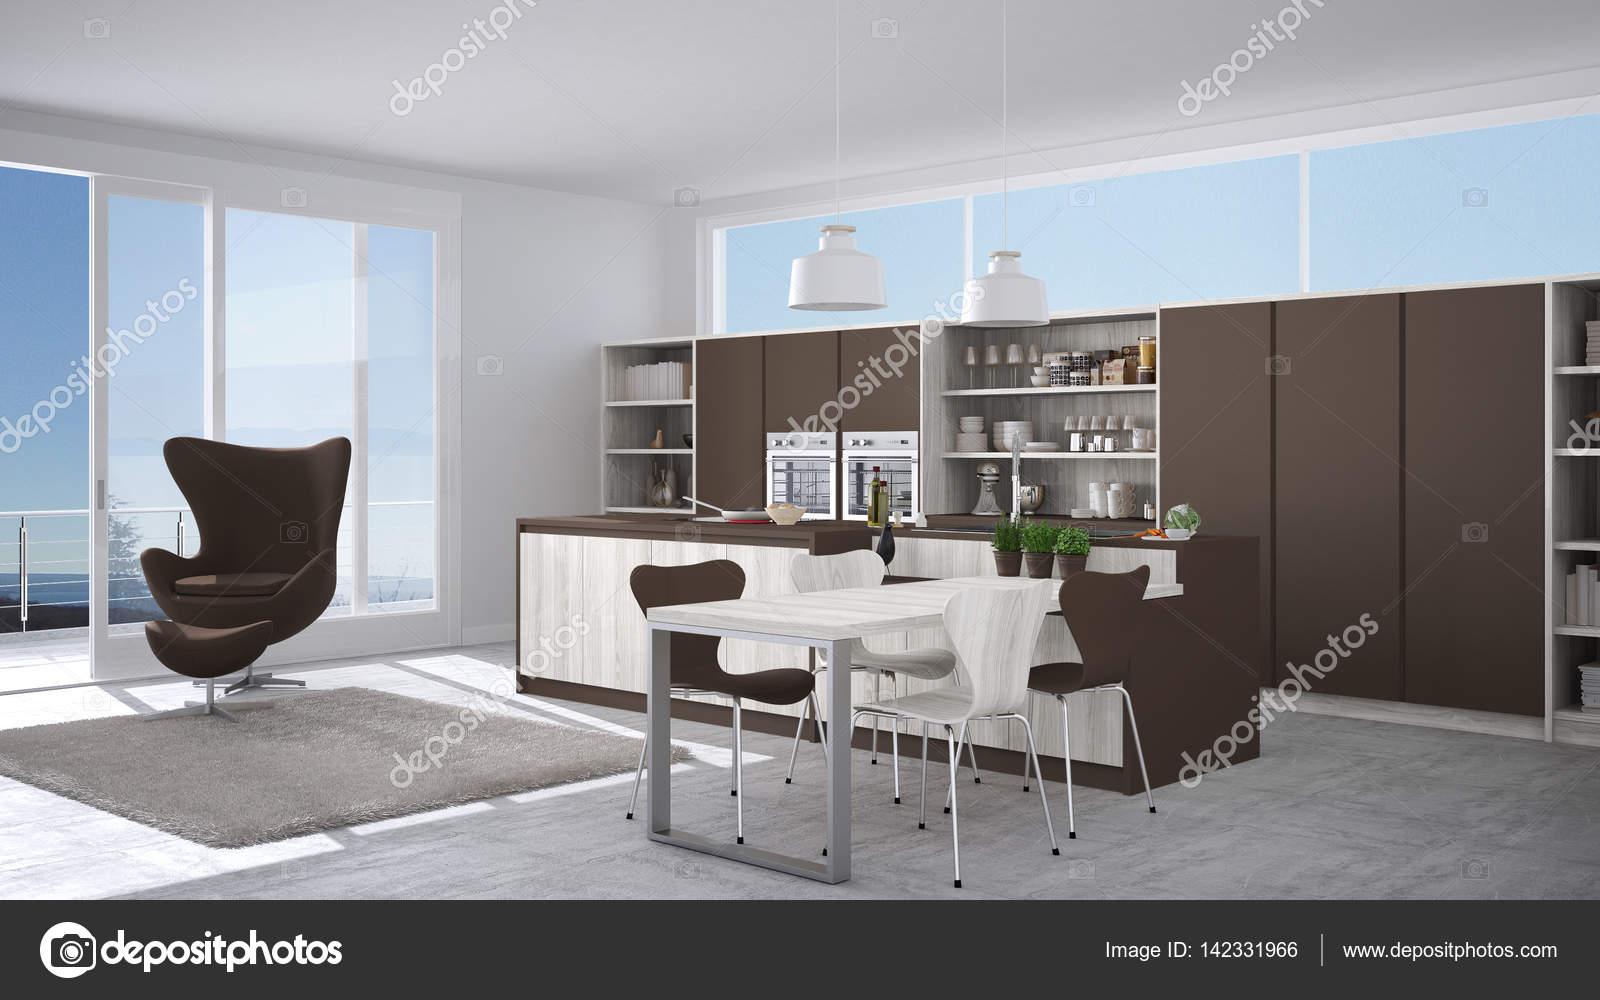 Moderne Weisse Und Braune Kuche Mit Holzelementen Grosses Fenster W